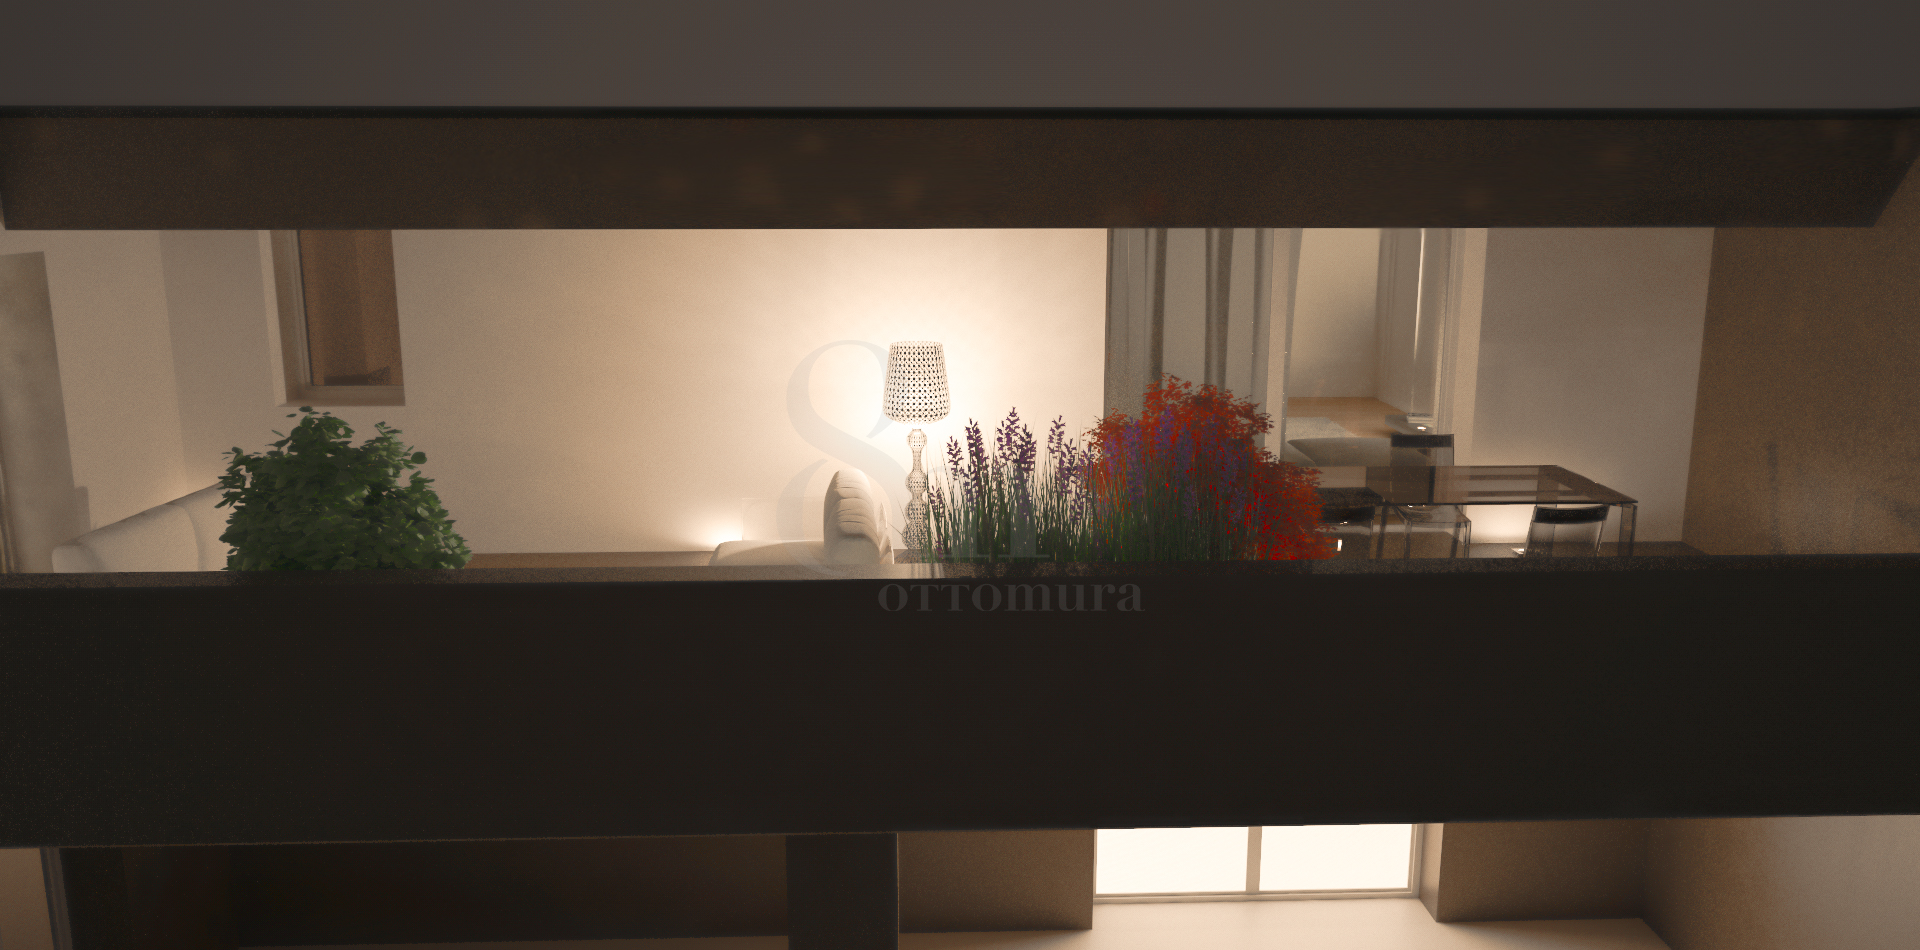 Vendita Appartamento Sant'Angelo di piove di sacco SA-06. Nuovo, Garage singolo, Riscaldamento Autonomo, 139 mq.